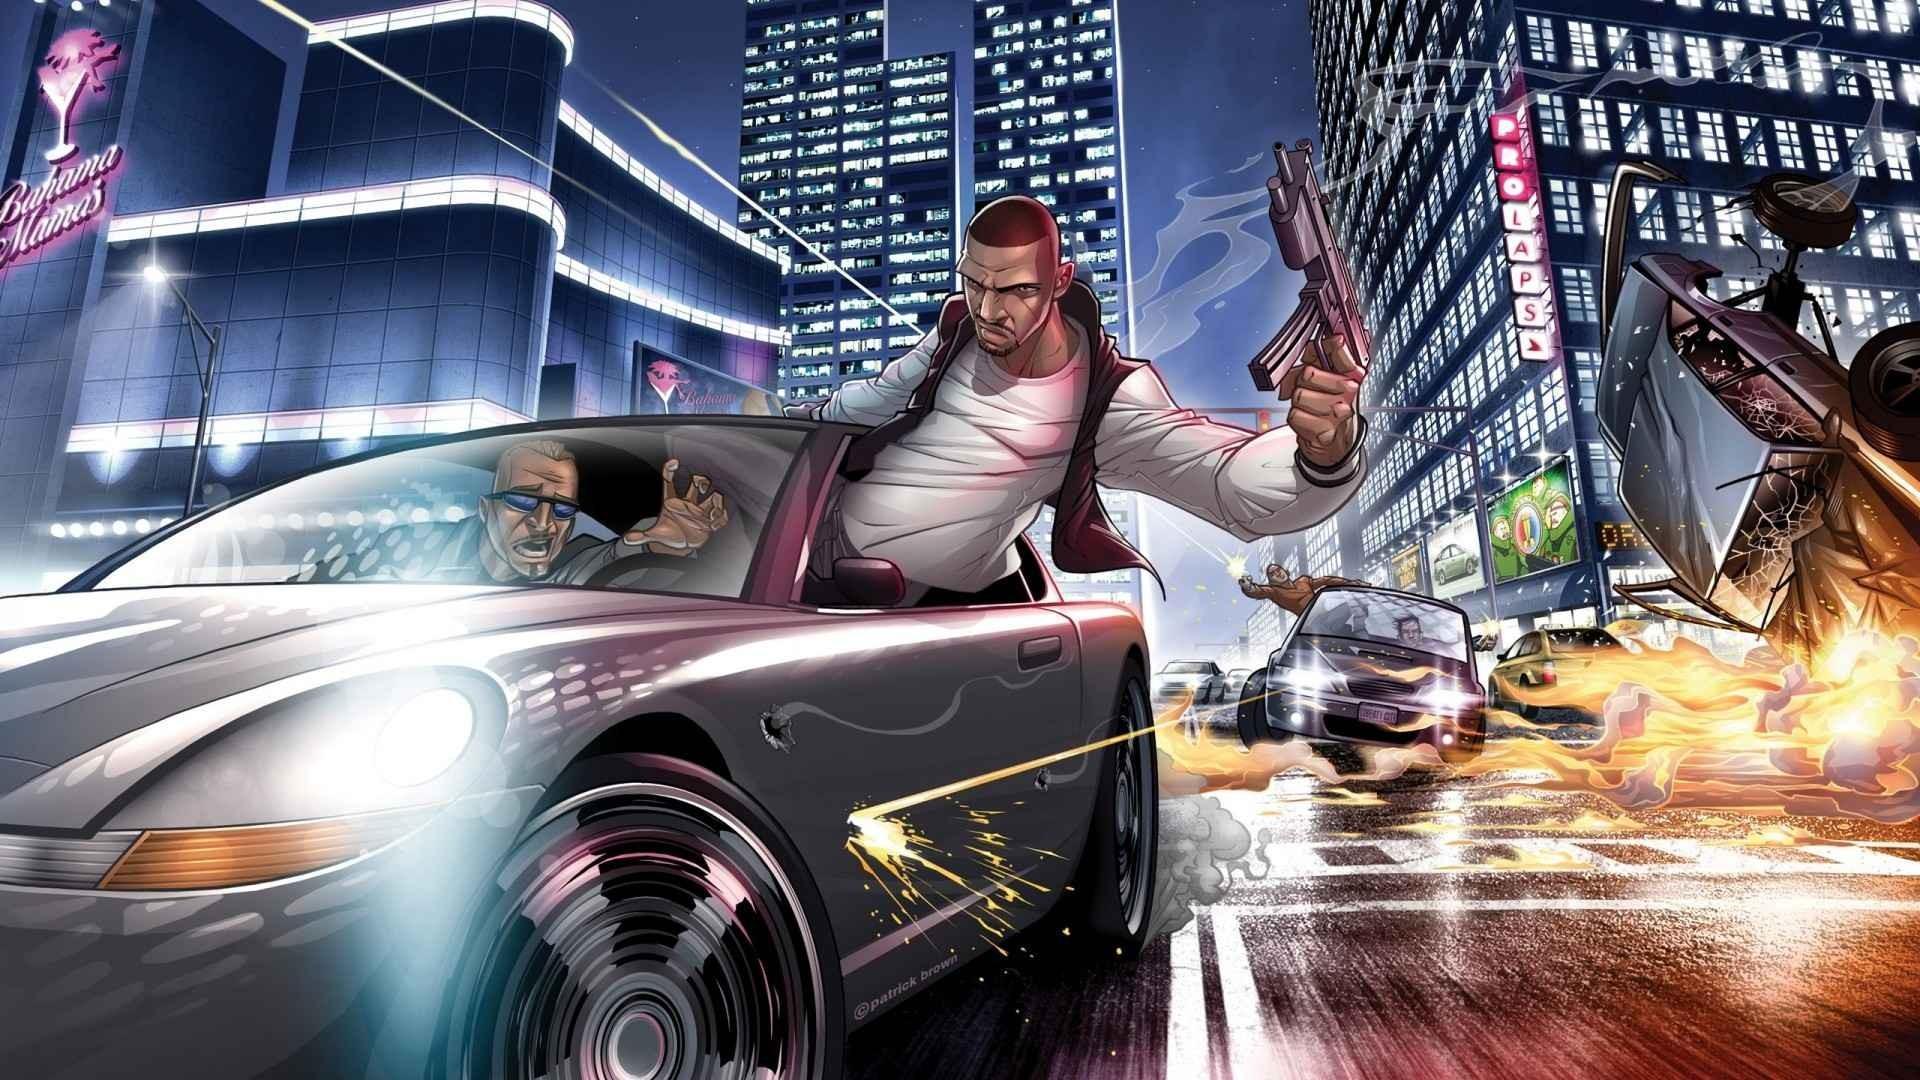 街头枪战游戏插画图片